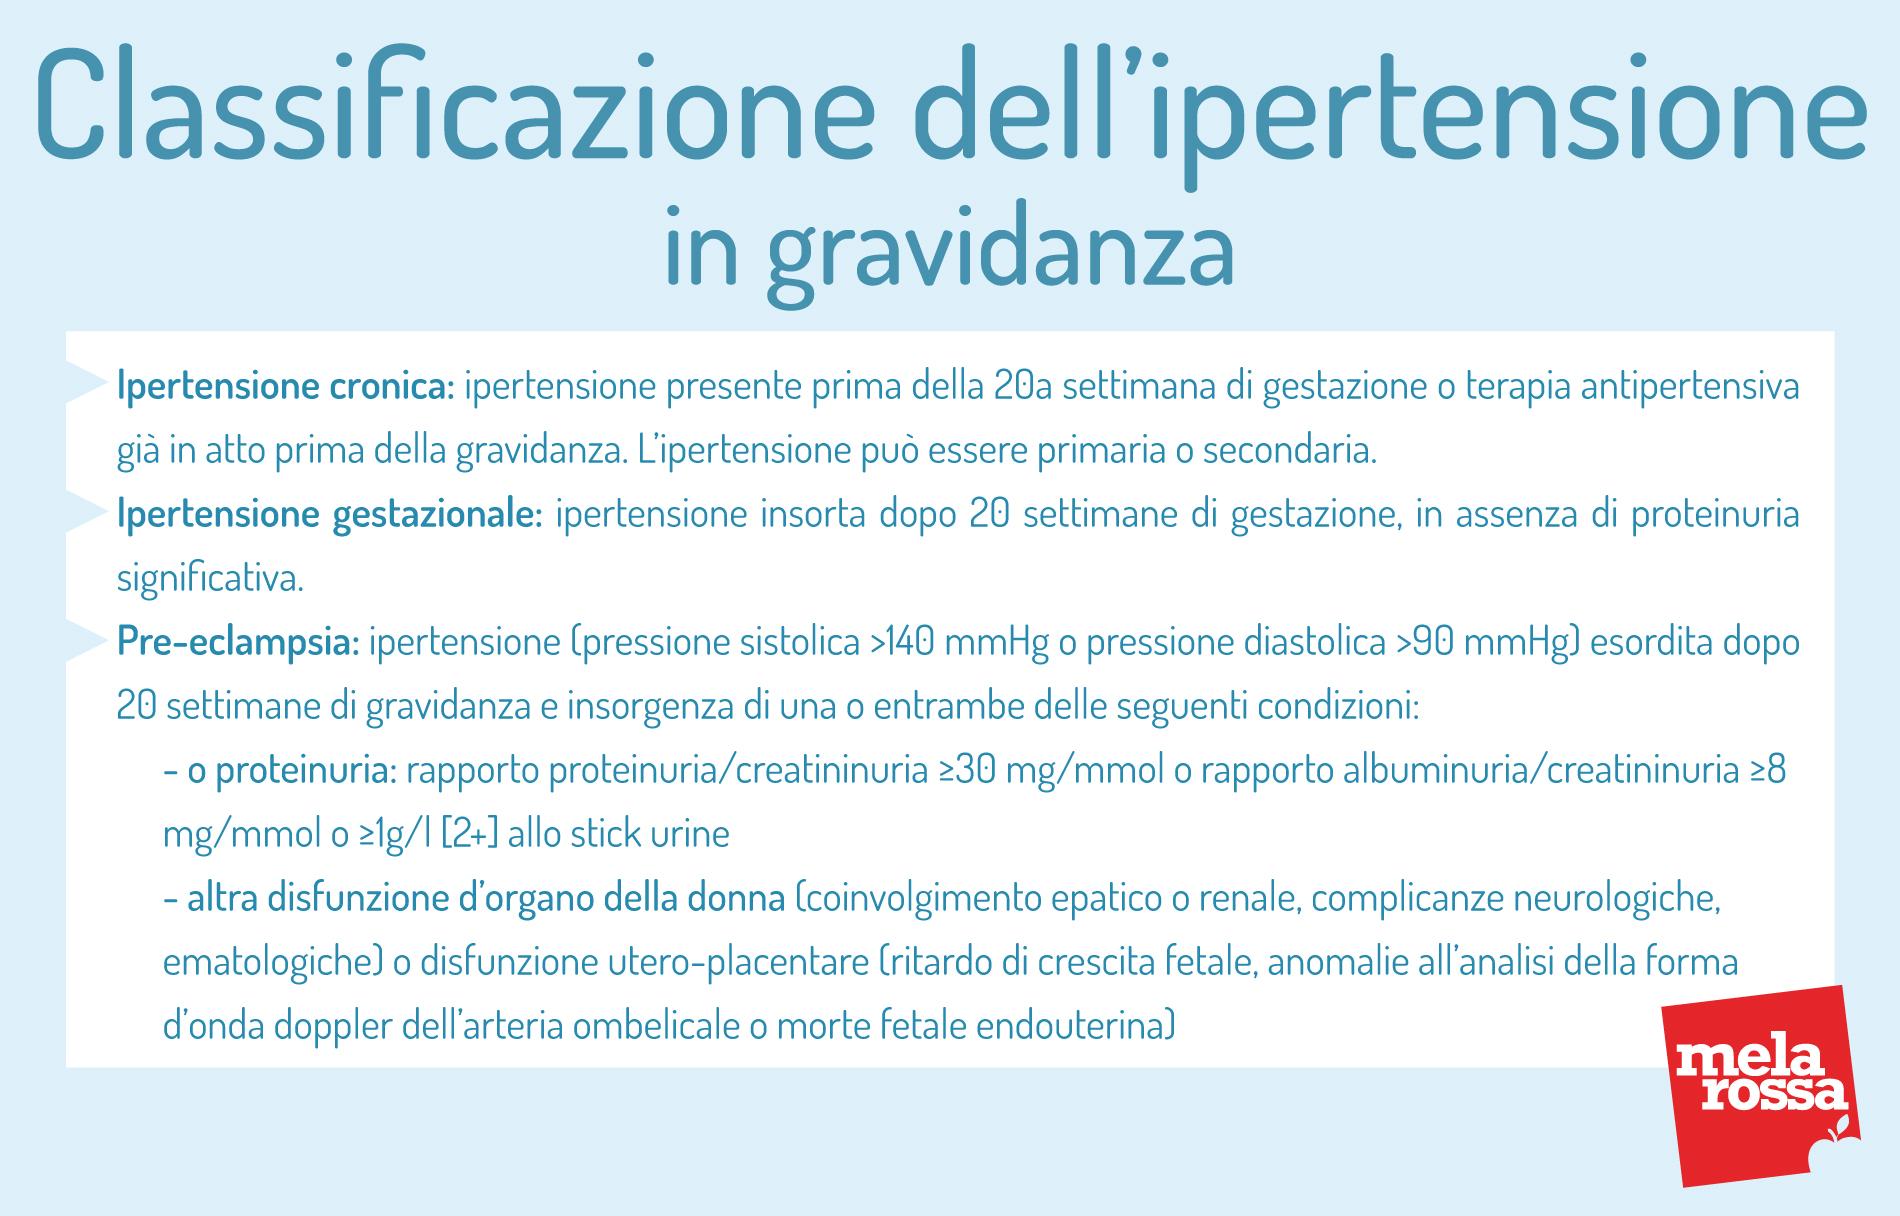 valori ipertensione in gravidanza